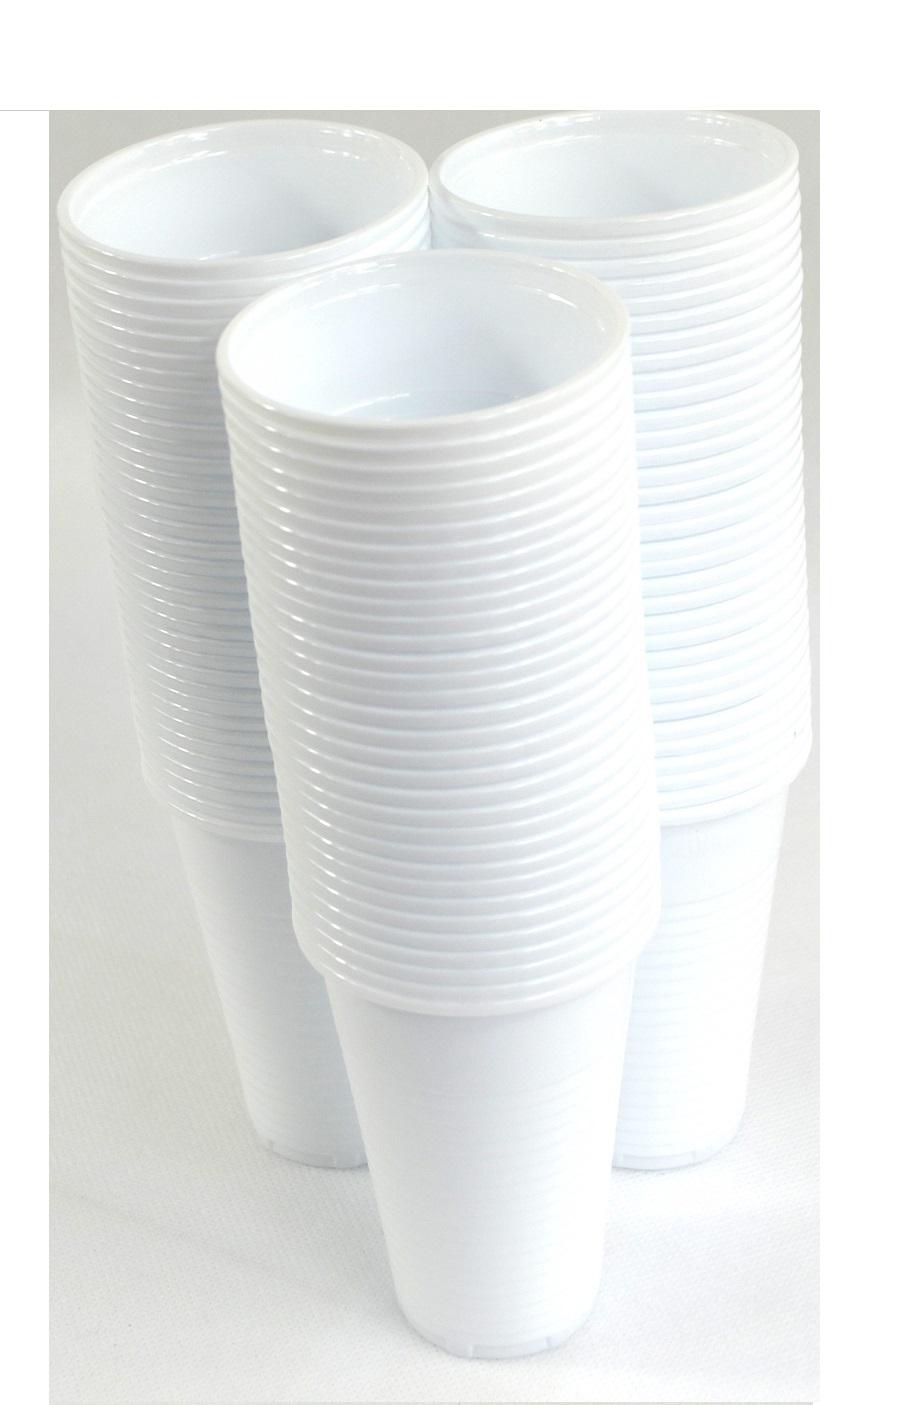 Jednorazové plastové poháre 200ml misky